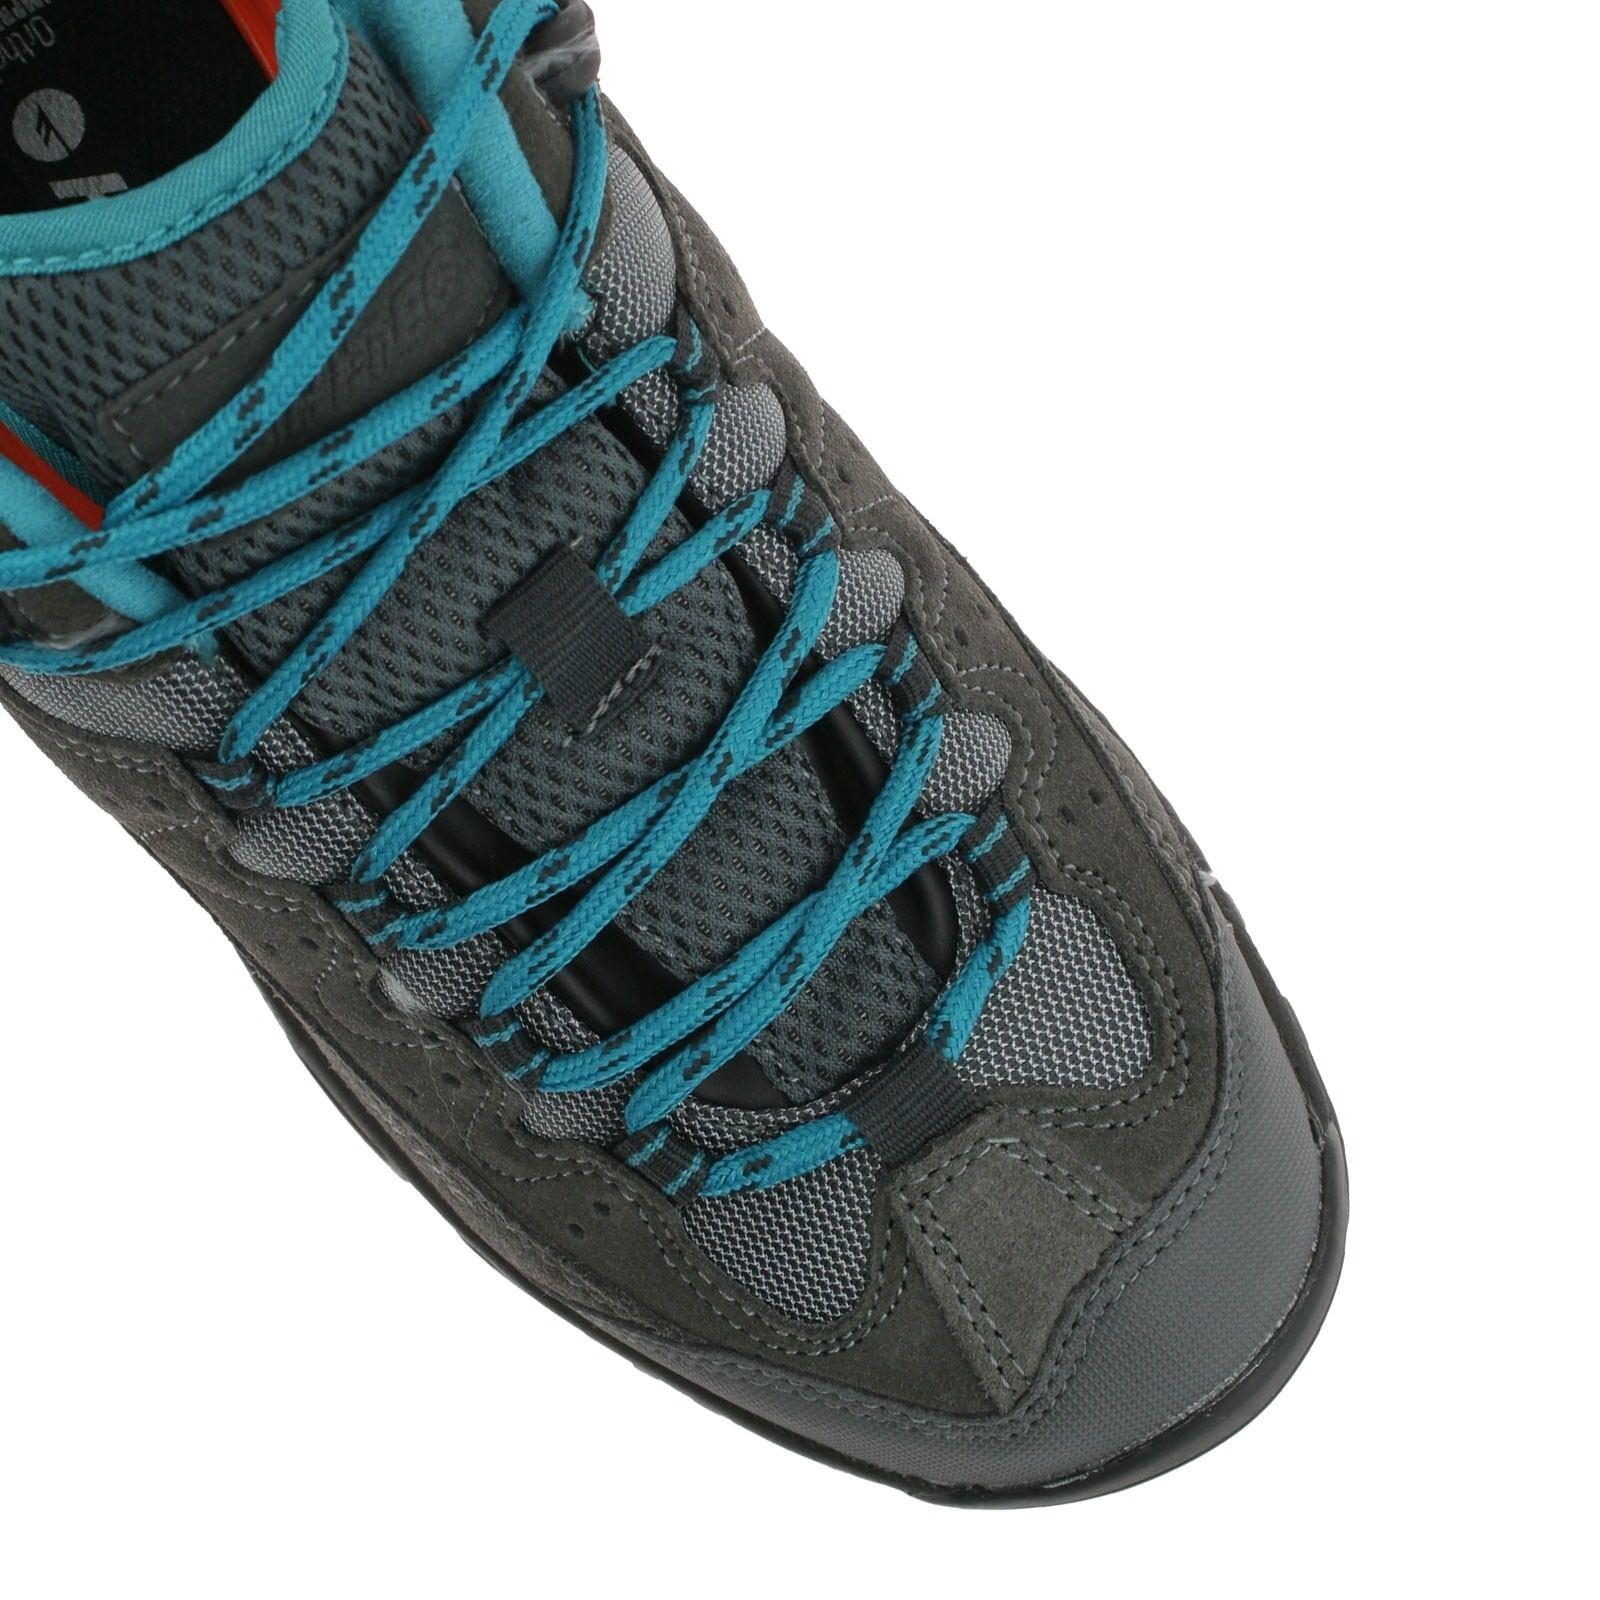 LADIES OX HI-TEC OX LADIES BELMONT LOW I WATERPROOF CHARCOAL Blau WALKING HIKING Schuhe 098cf1